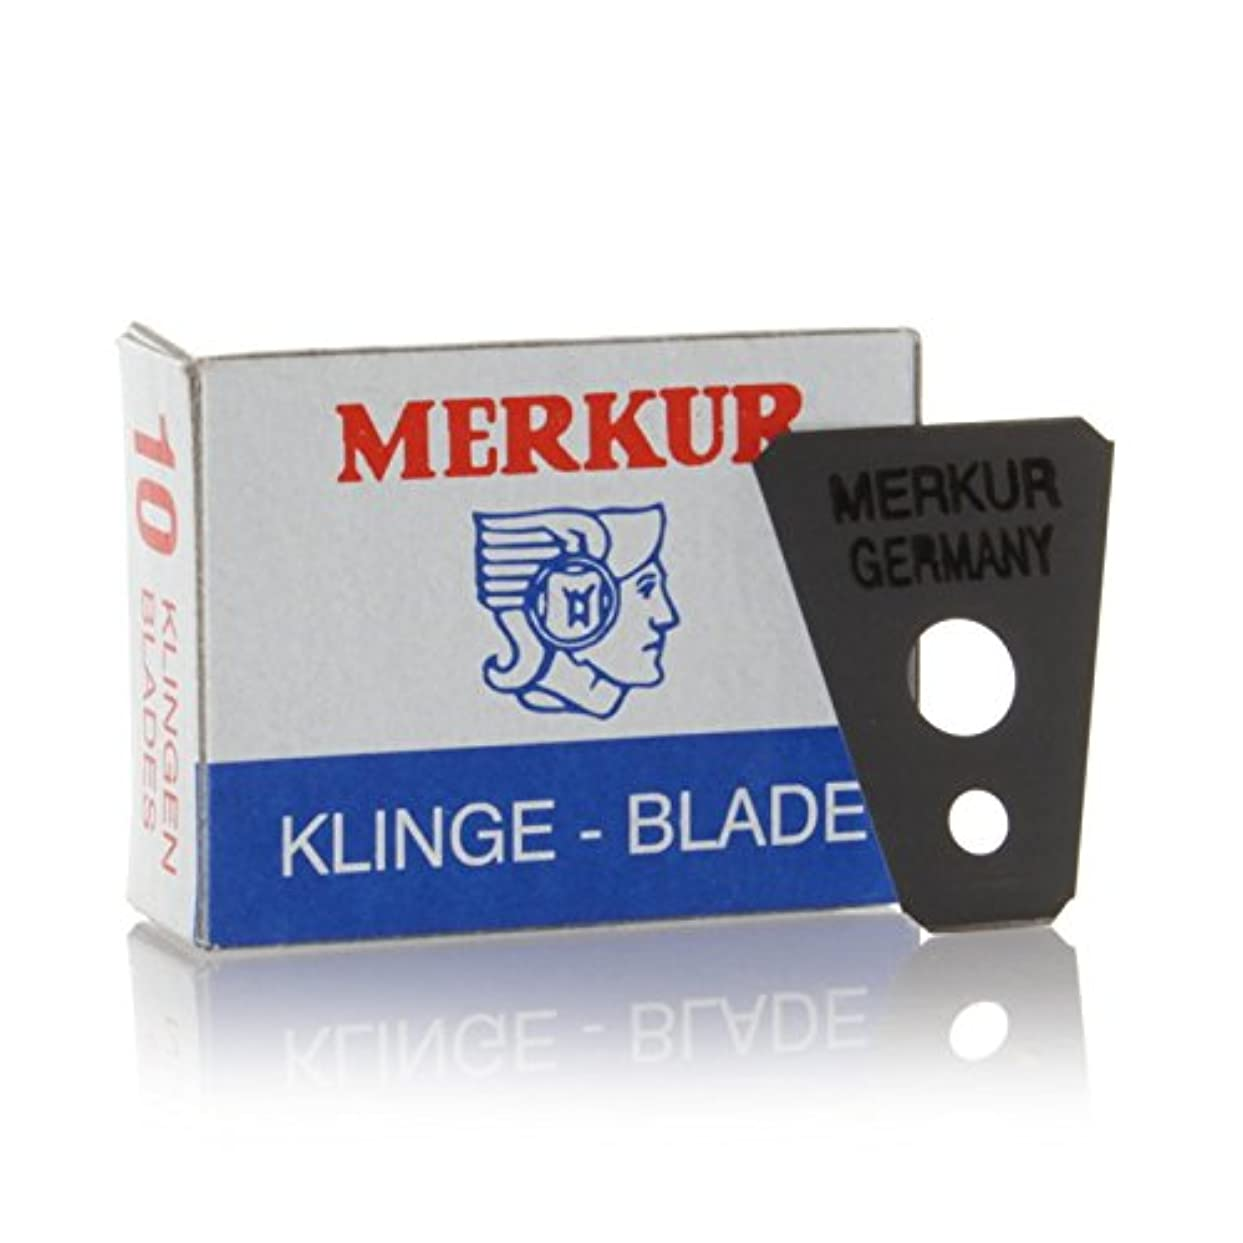 転倒航空会社ジェームズダイソンMERKUR Solingen - Razor blades for moustache shaver, 10 pieces, 90908100